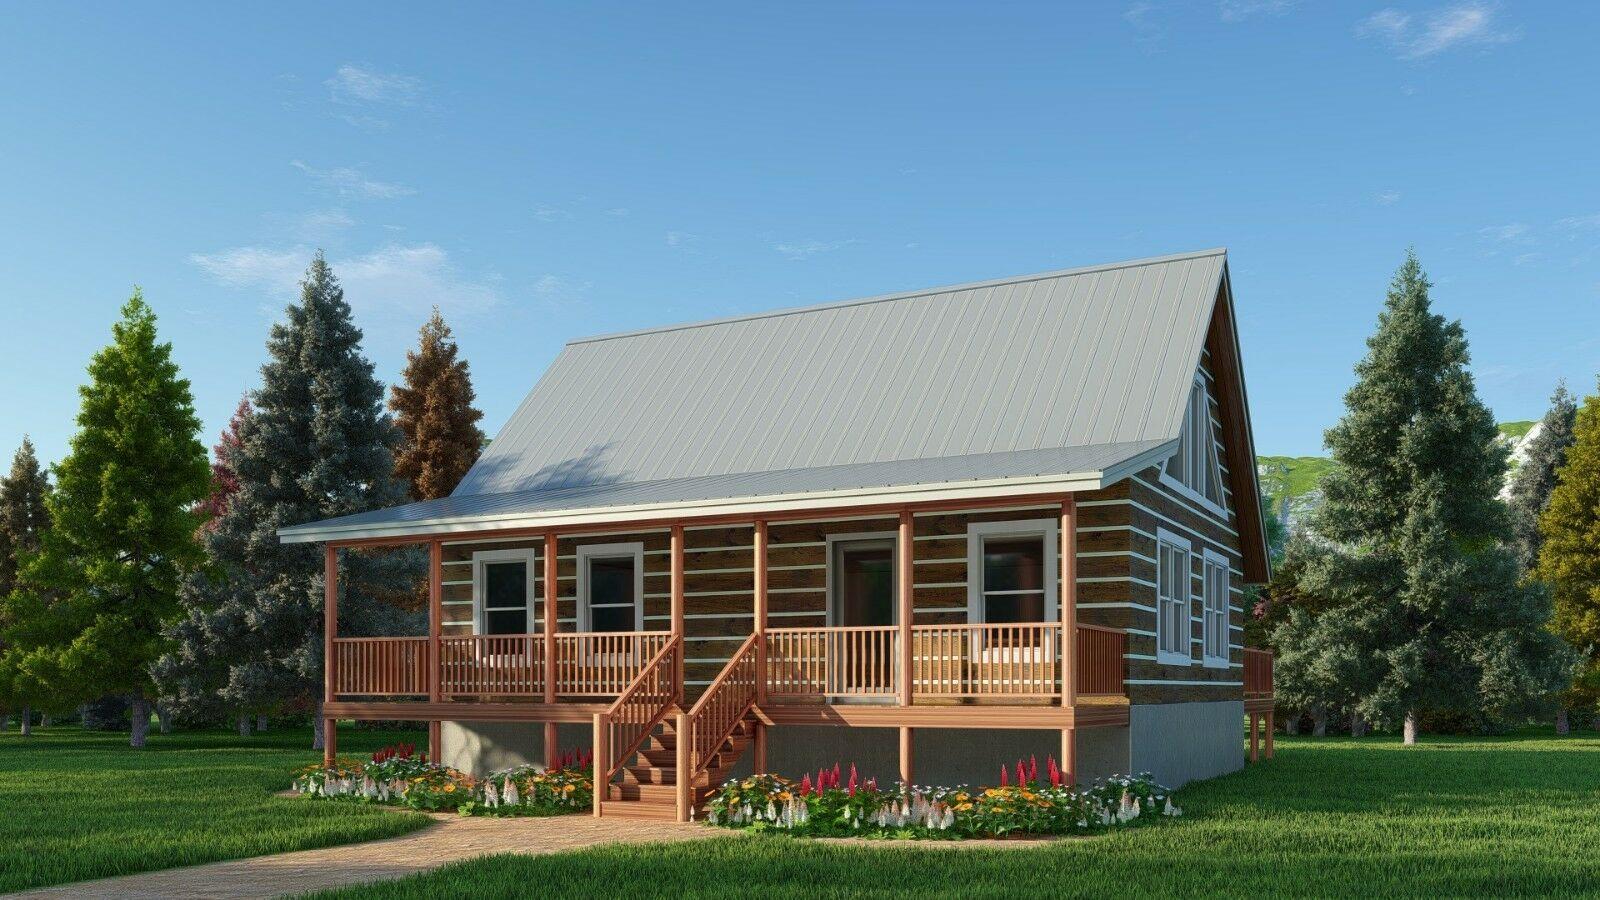 Log Cabin Kits In 2020 Log Cabin Home Kits Cabin Kits Log Cabin Interior